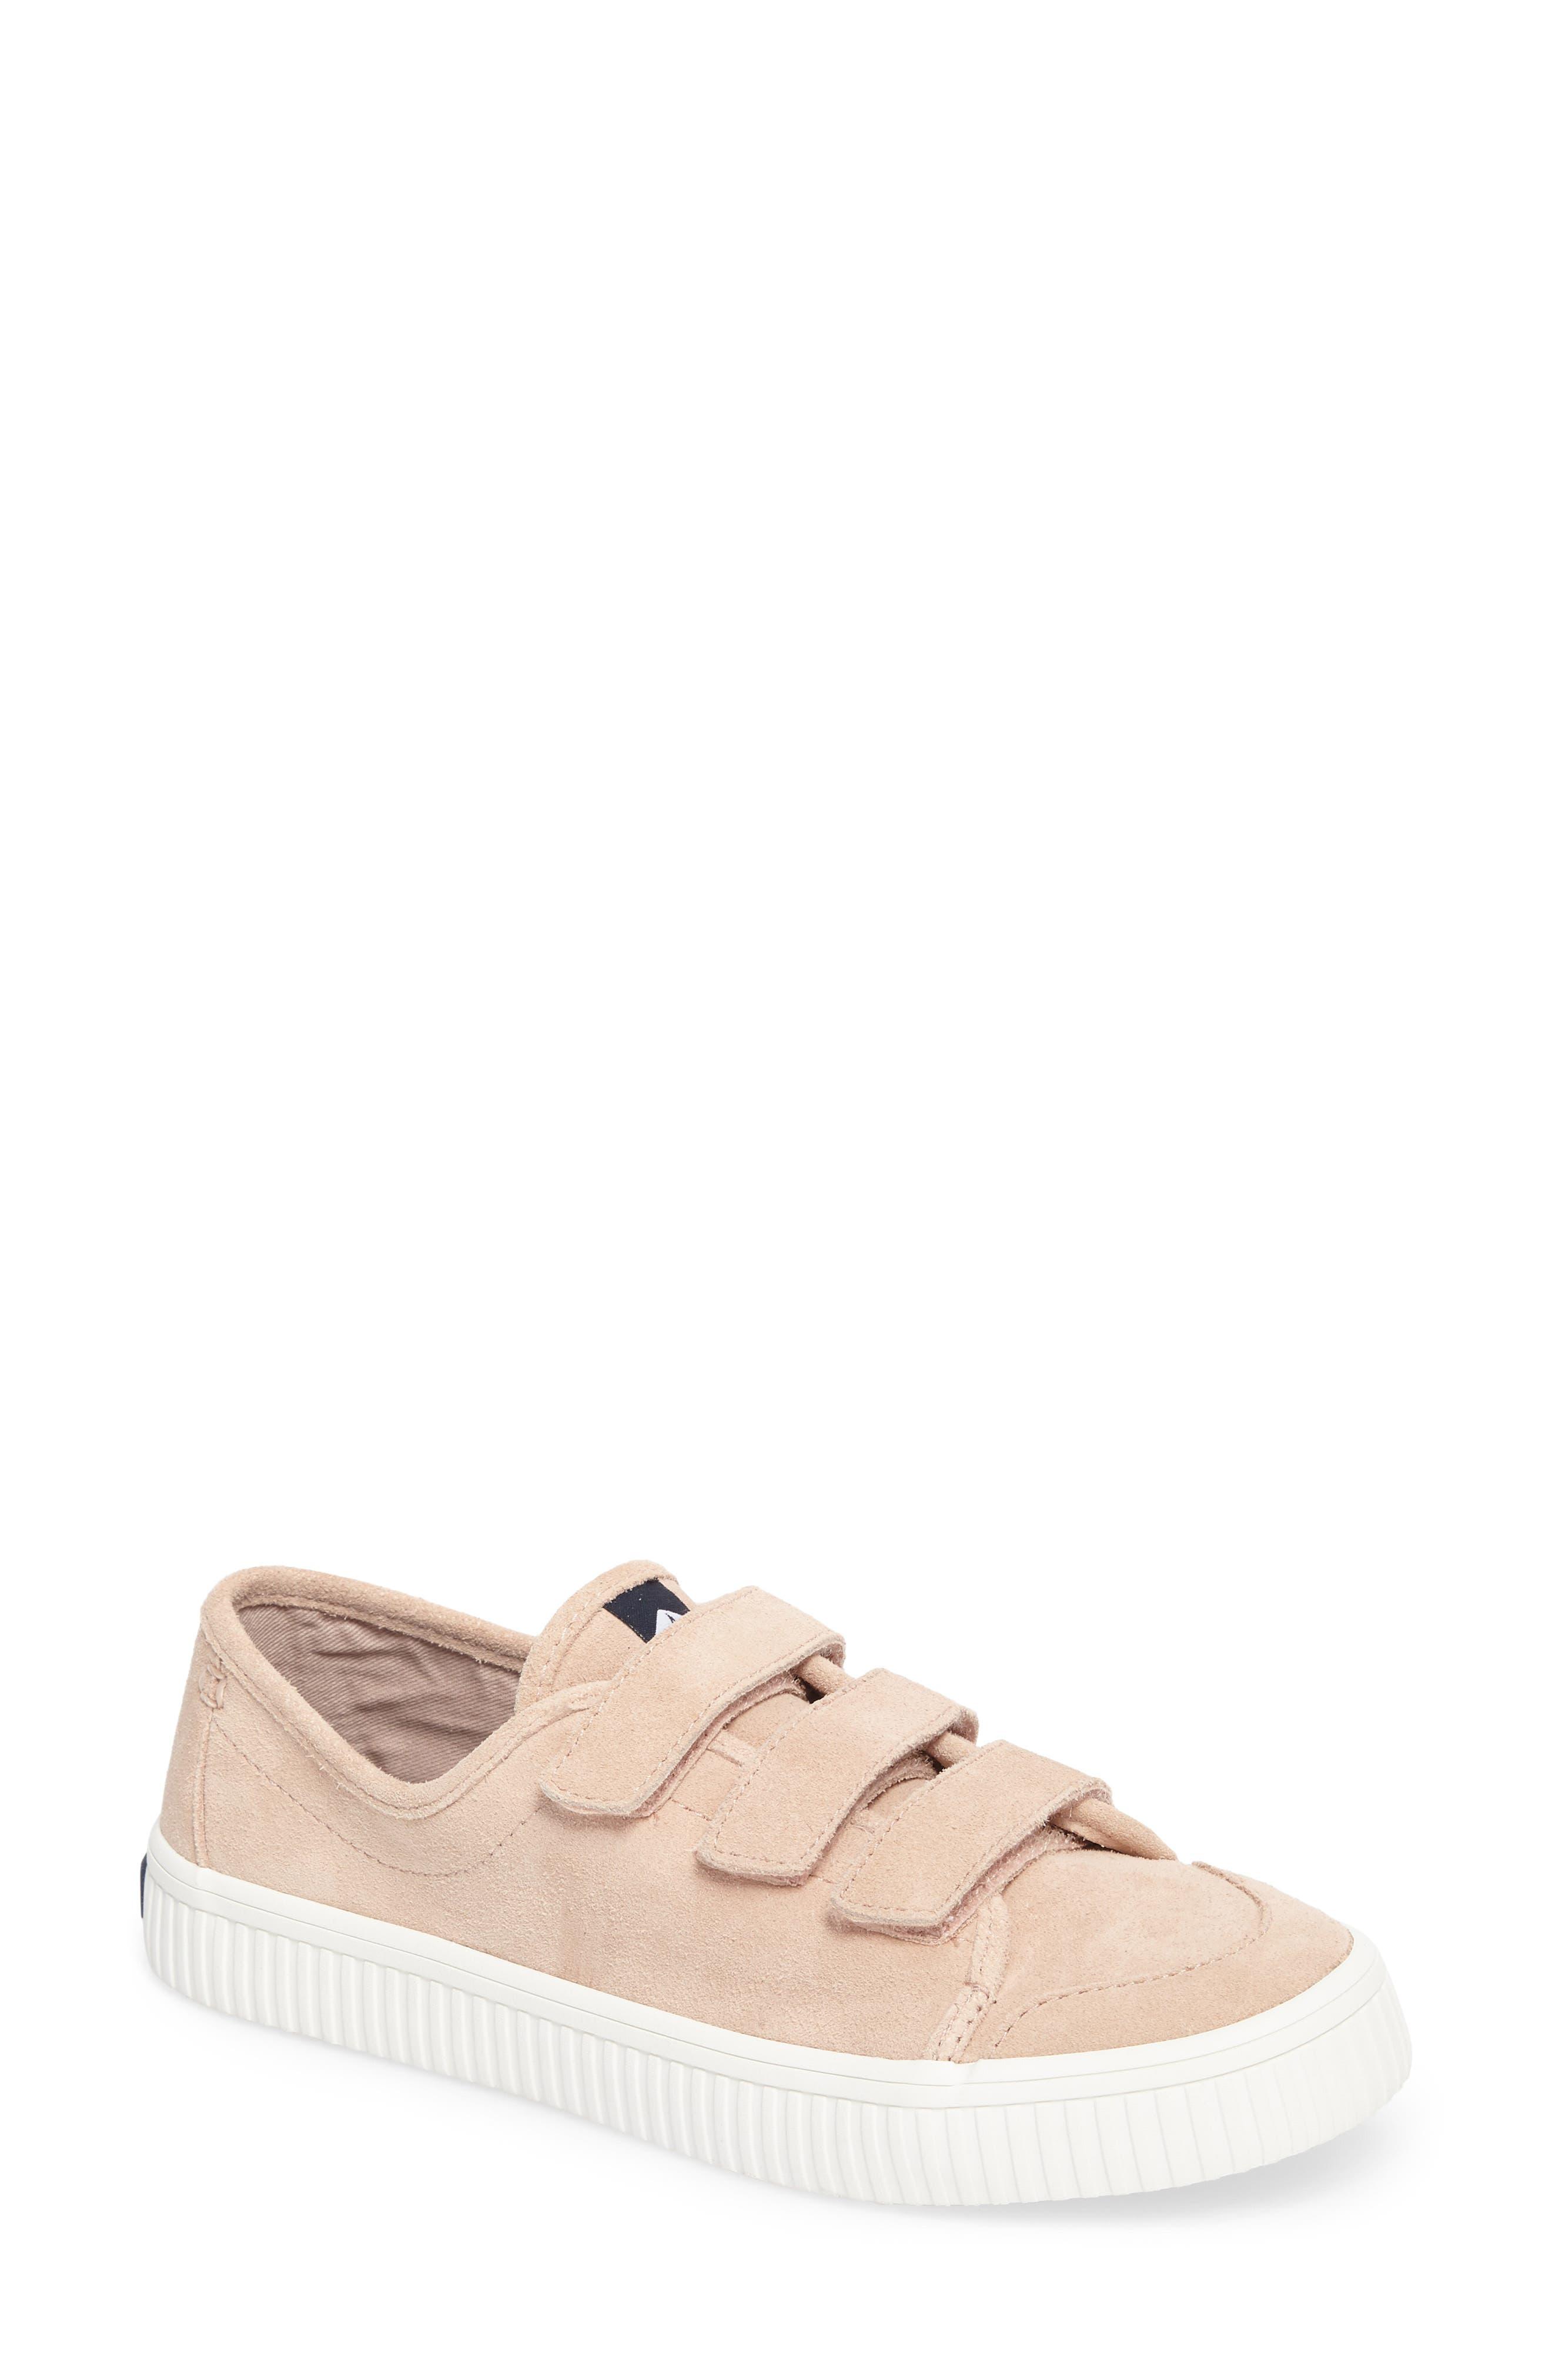 Sperry Creeper Sneaker (Women)